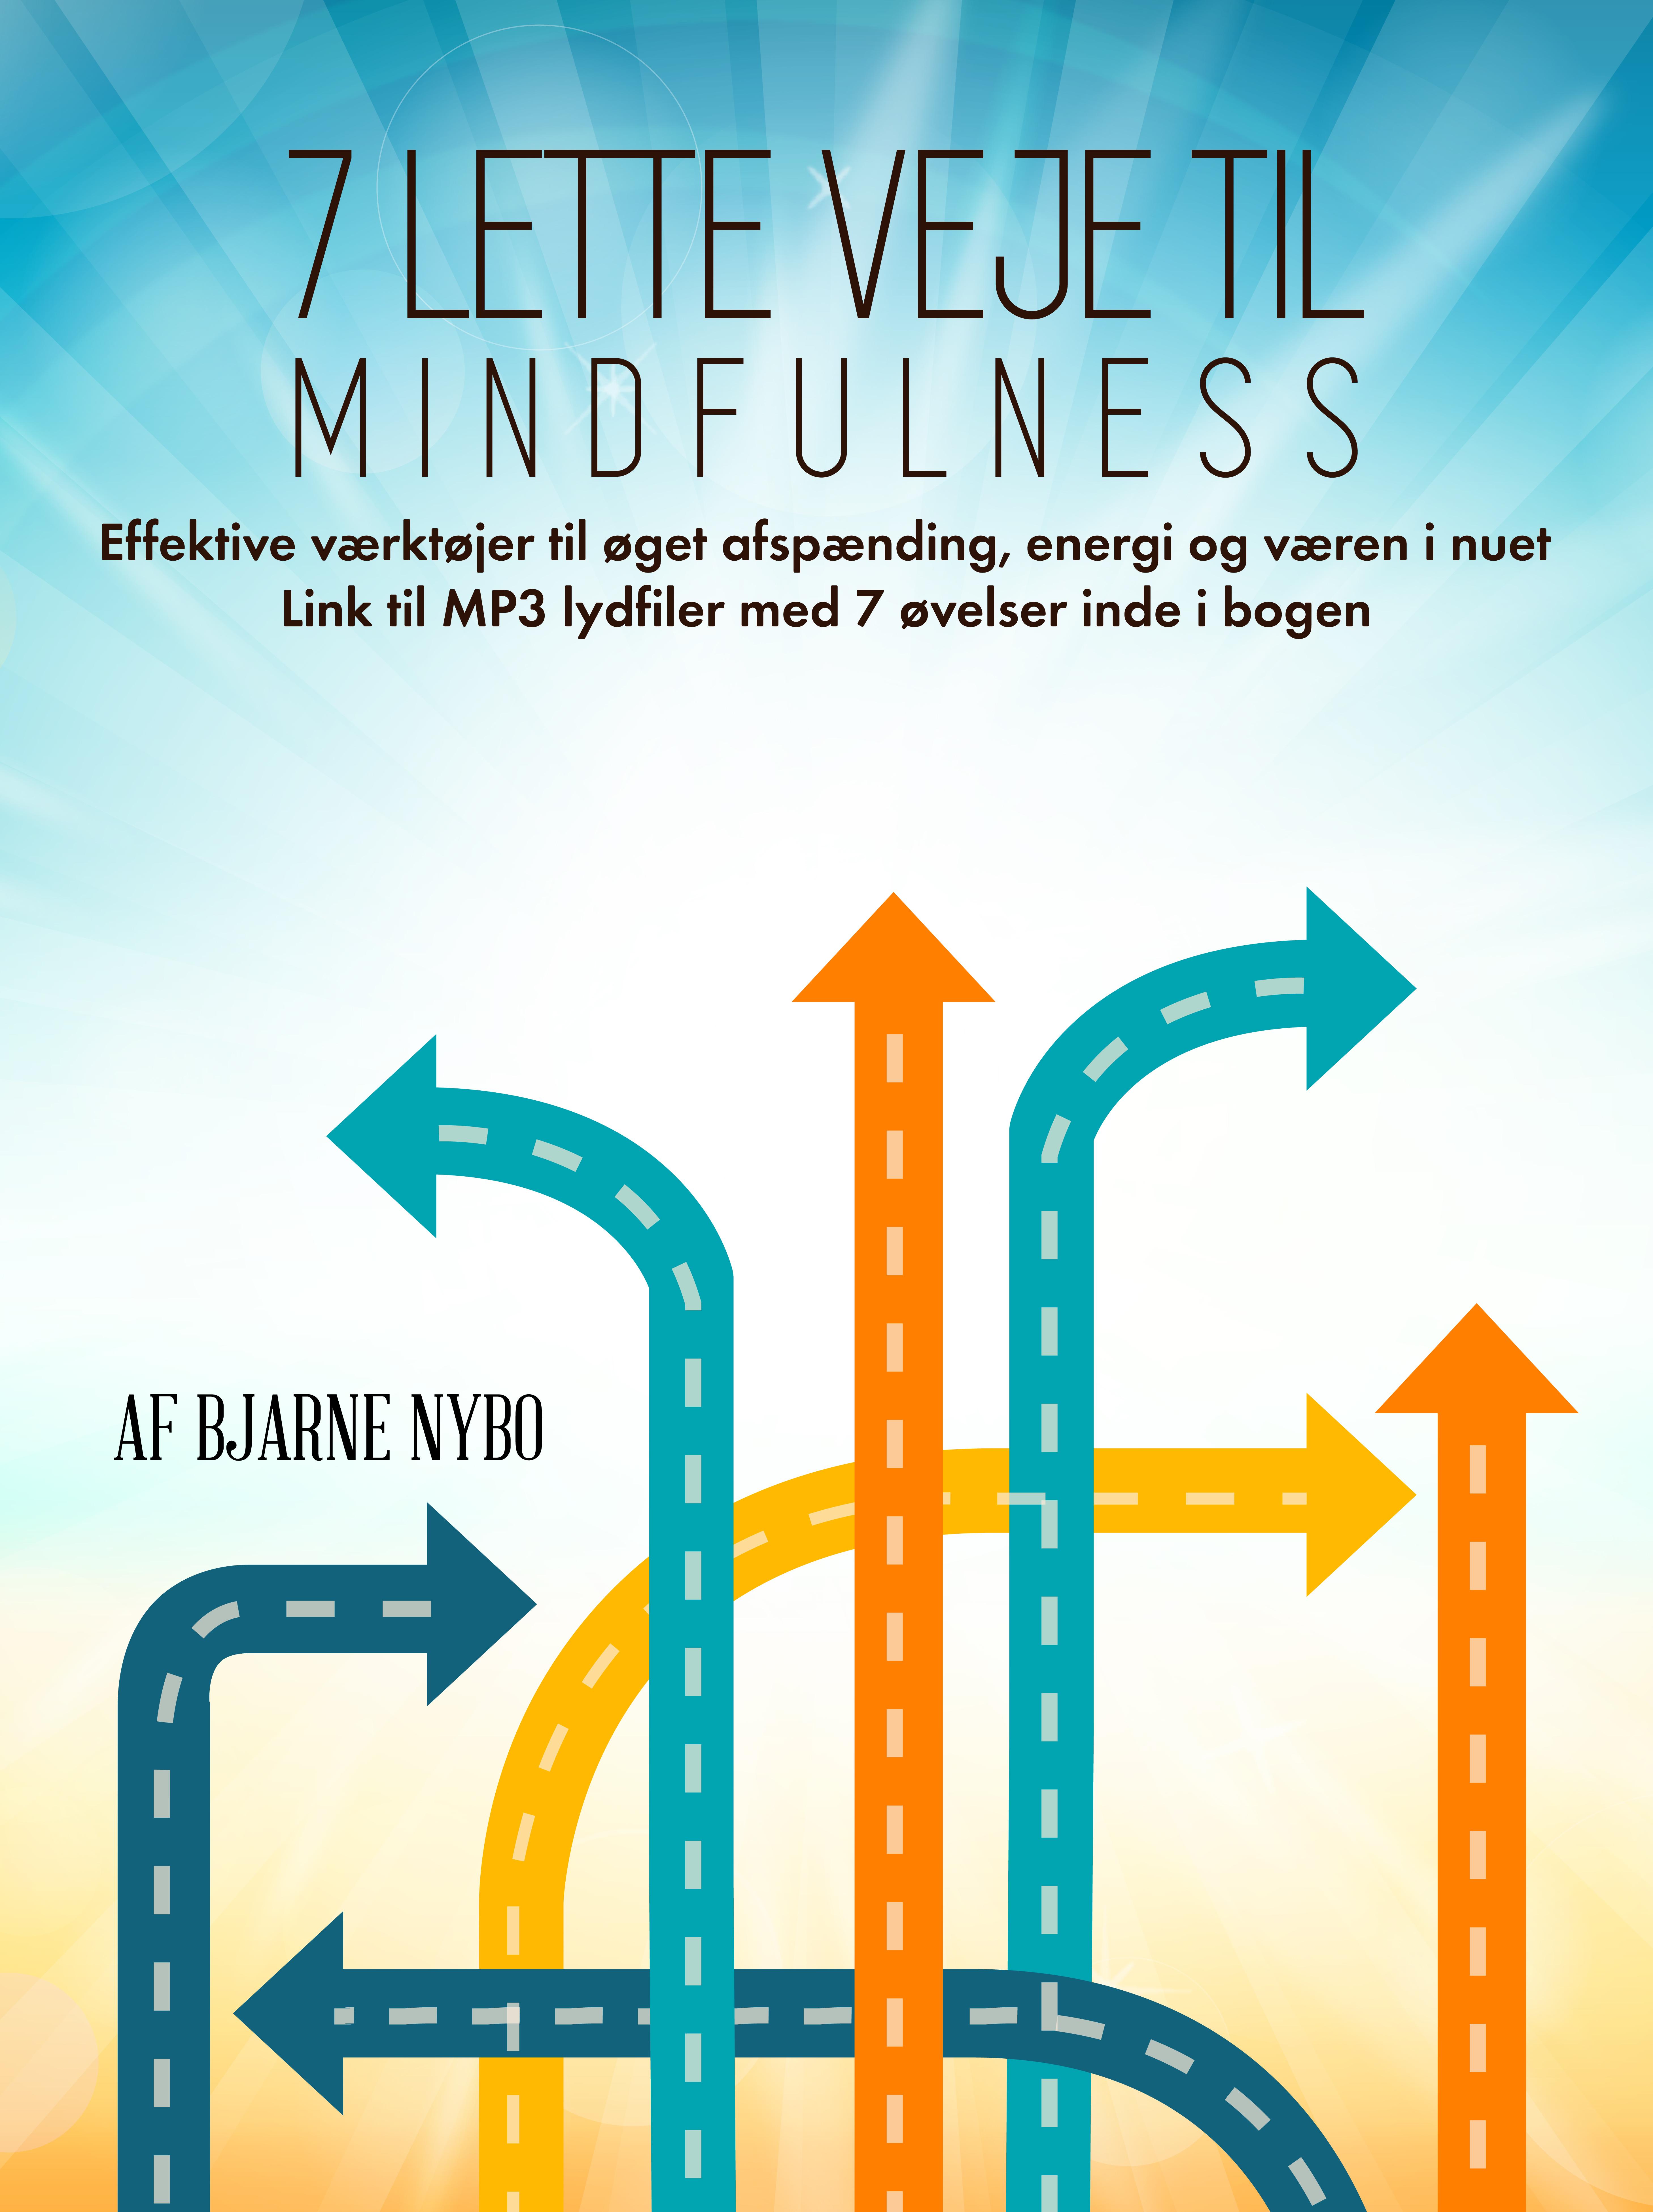 7 lette veje til mindfulness - e-bog fra N/A på bog & mystik